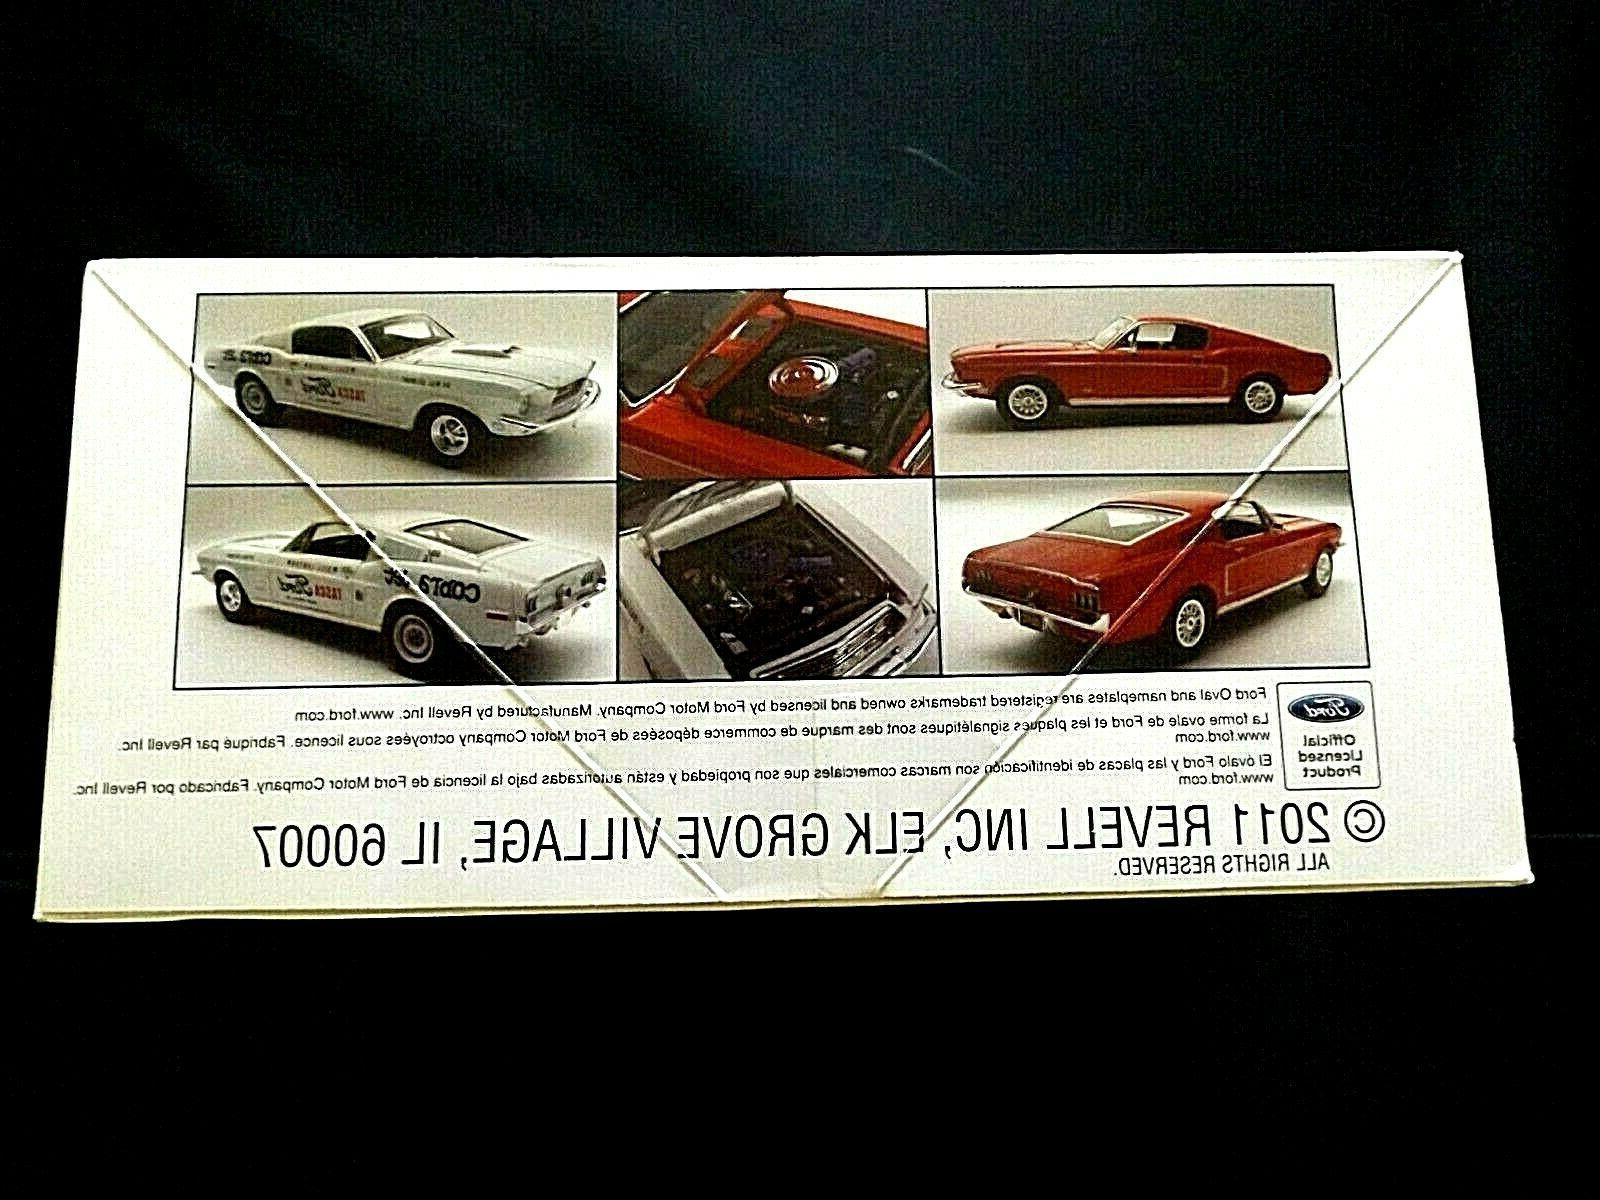 Model 1968 Mustang GT 2+2 Fastback 2n1 Kit Muscle 1:25